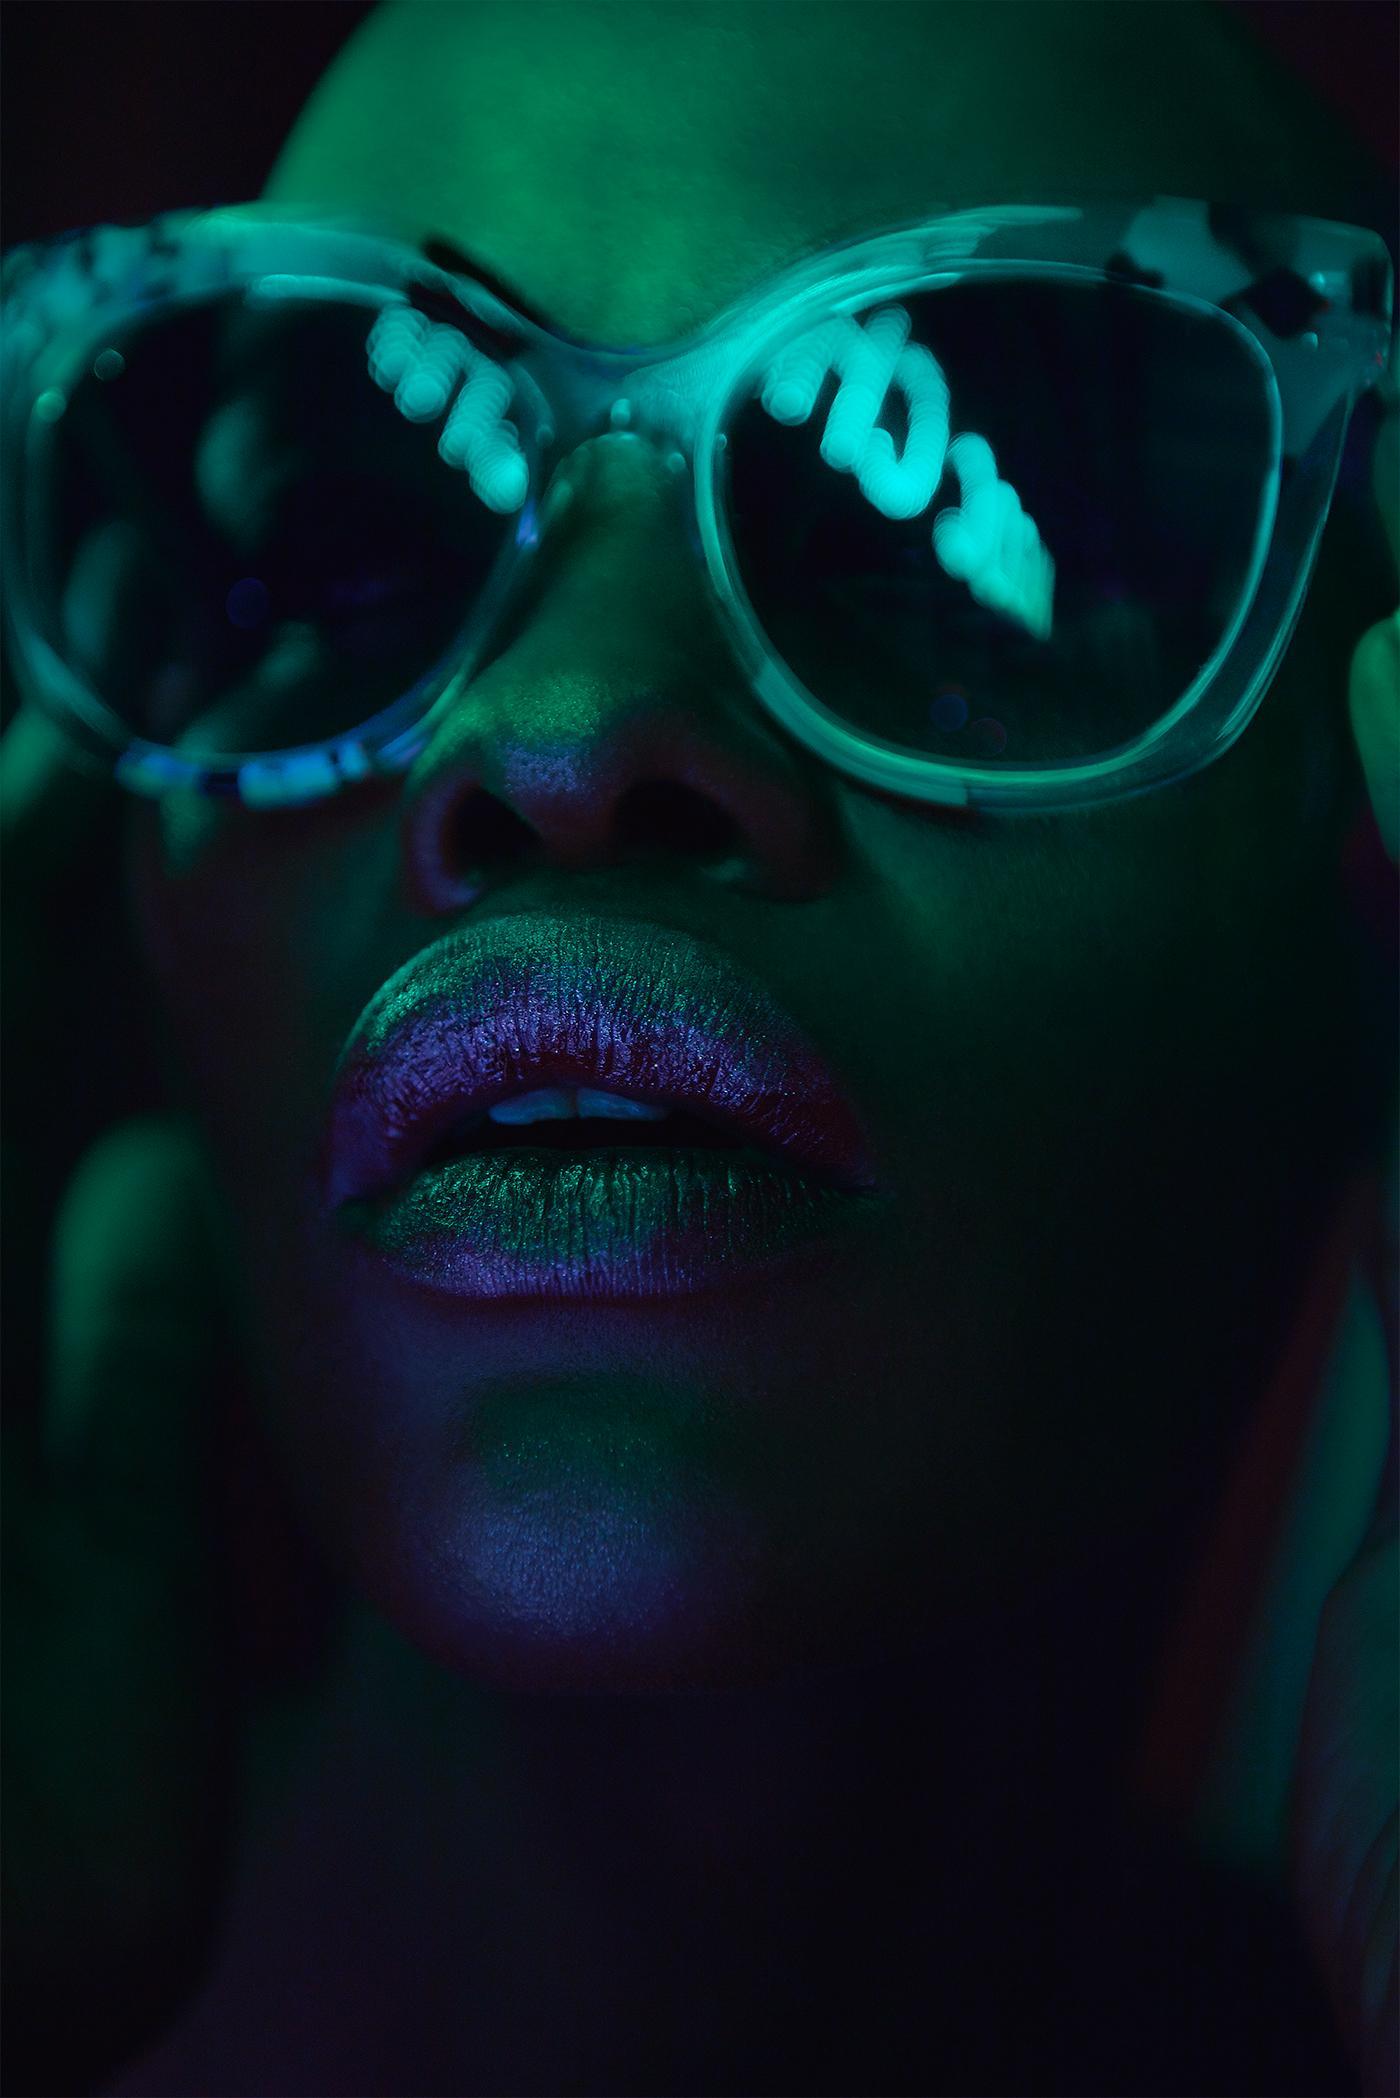 eye candy / Naro Lokuruka by Mathew Guido